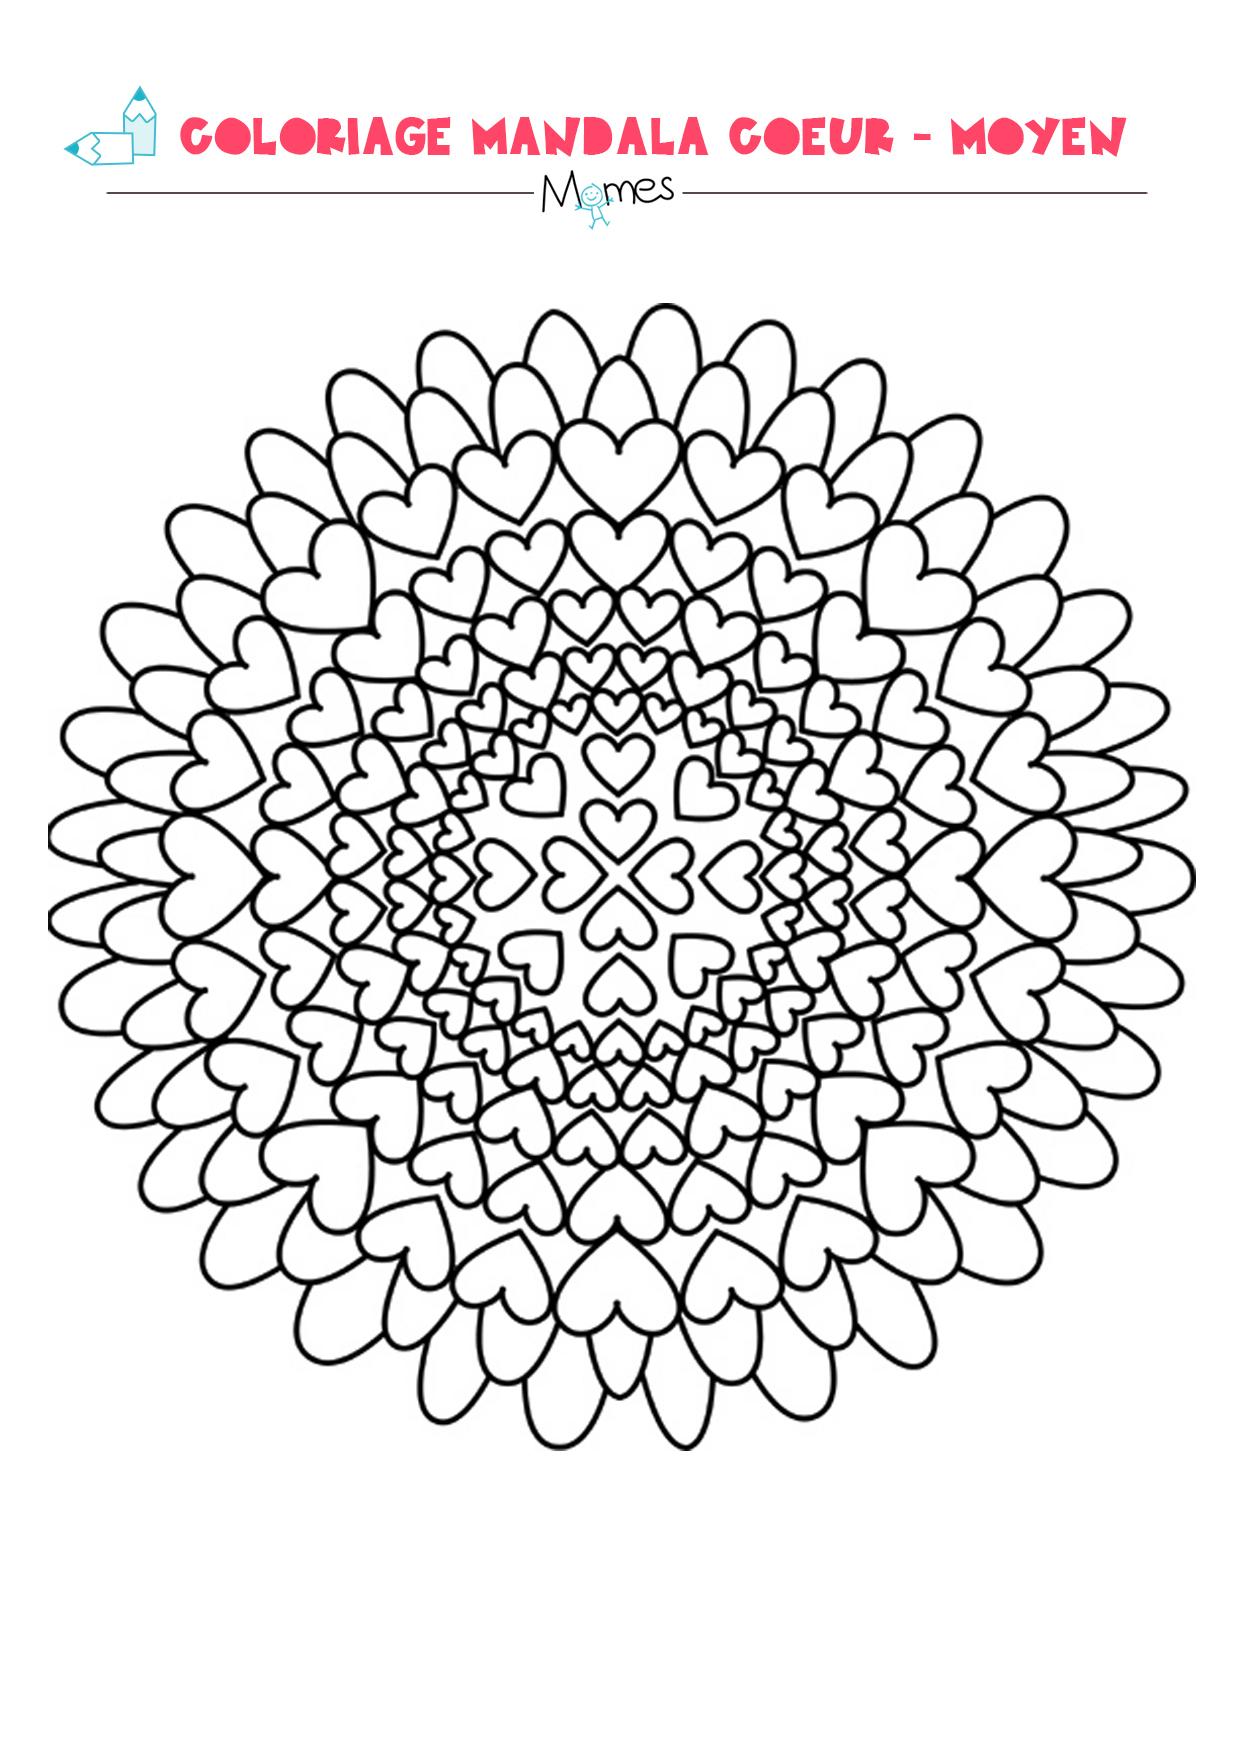 Mandala Coeur À Colorier - Facile - Momes dedans Mandala À Imprimer Facile